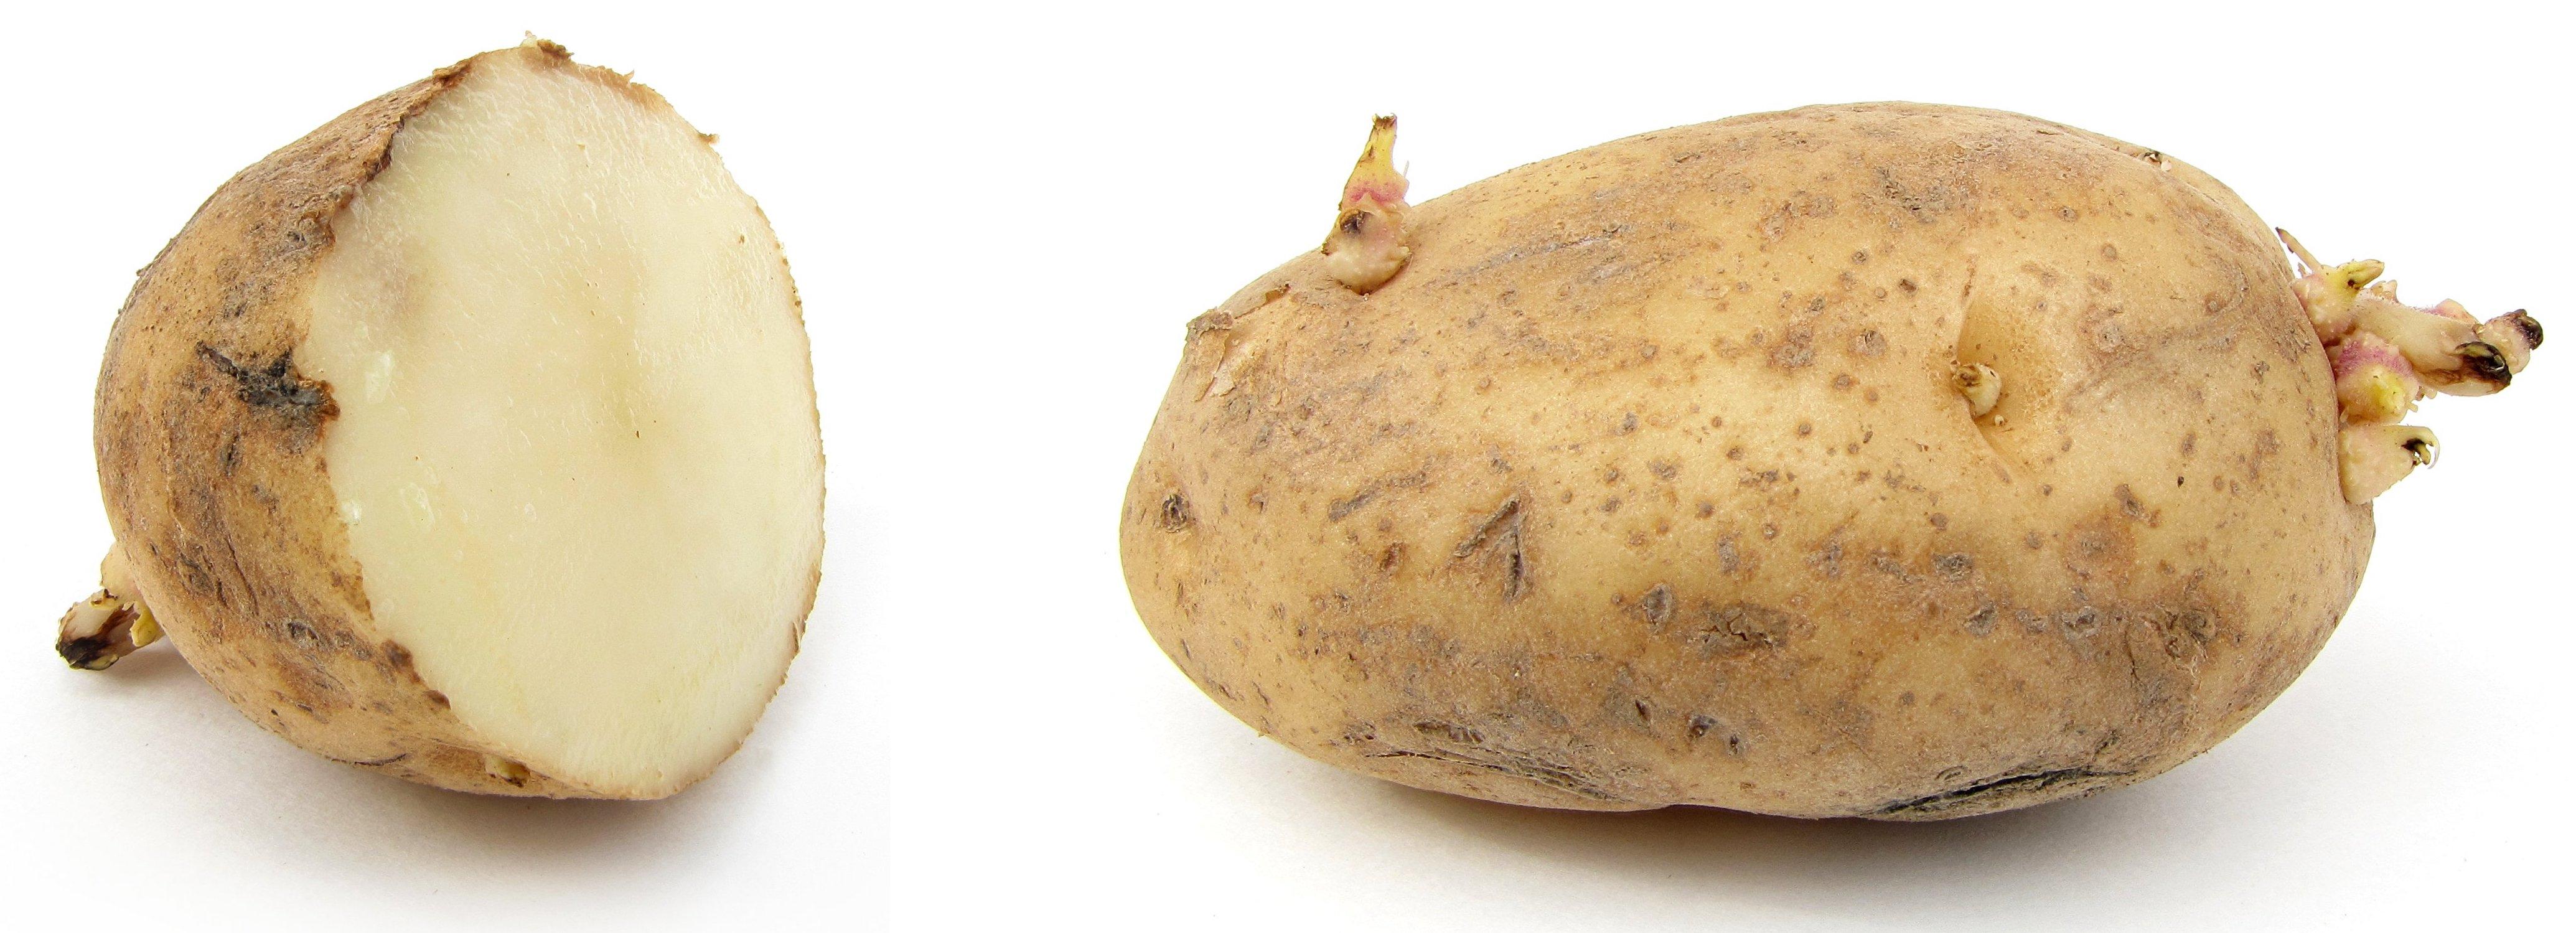 Pommes de terre avec germes, une coupée en deux.